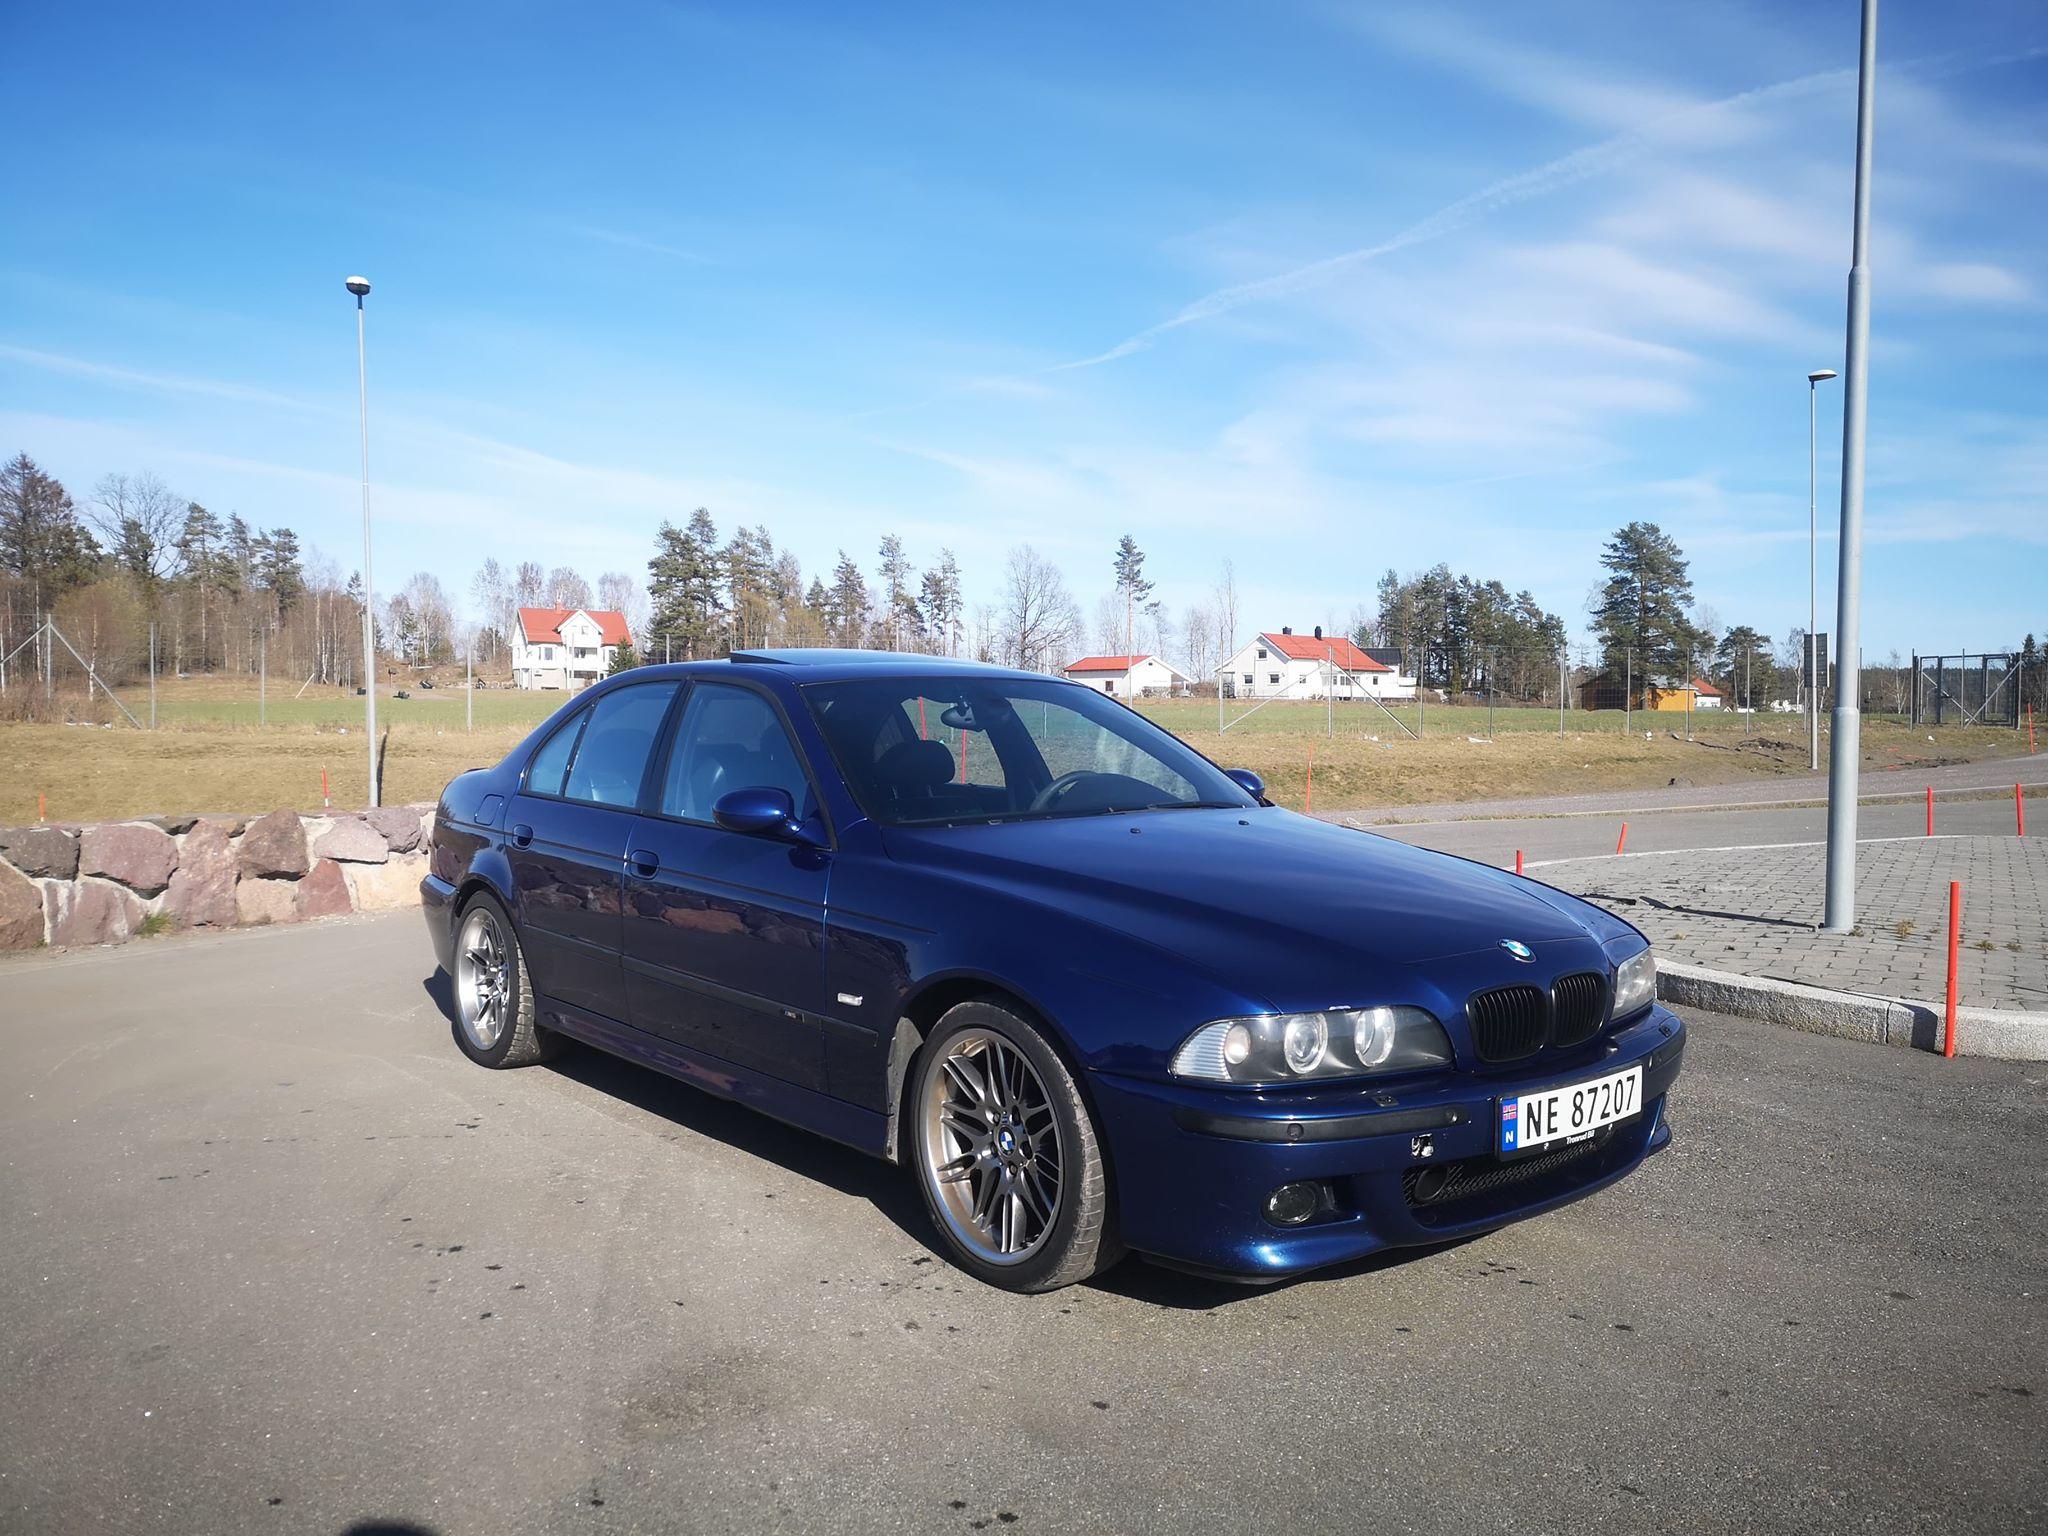 96 Bmw 520ia godkjent ombygd 01 M5 Bilder og filmer Show